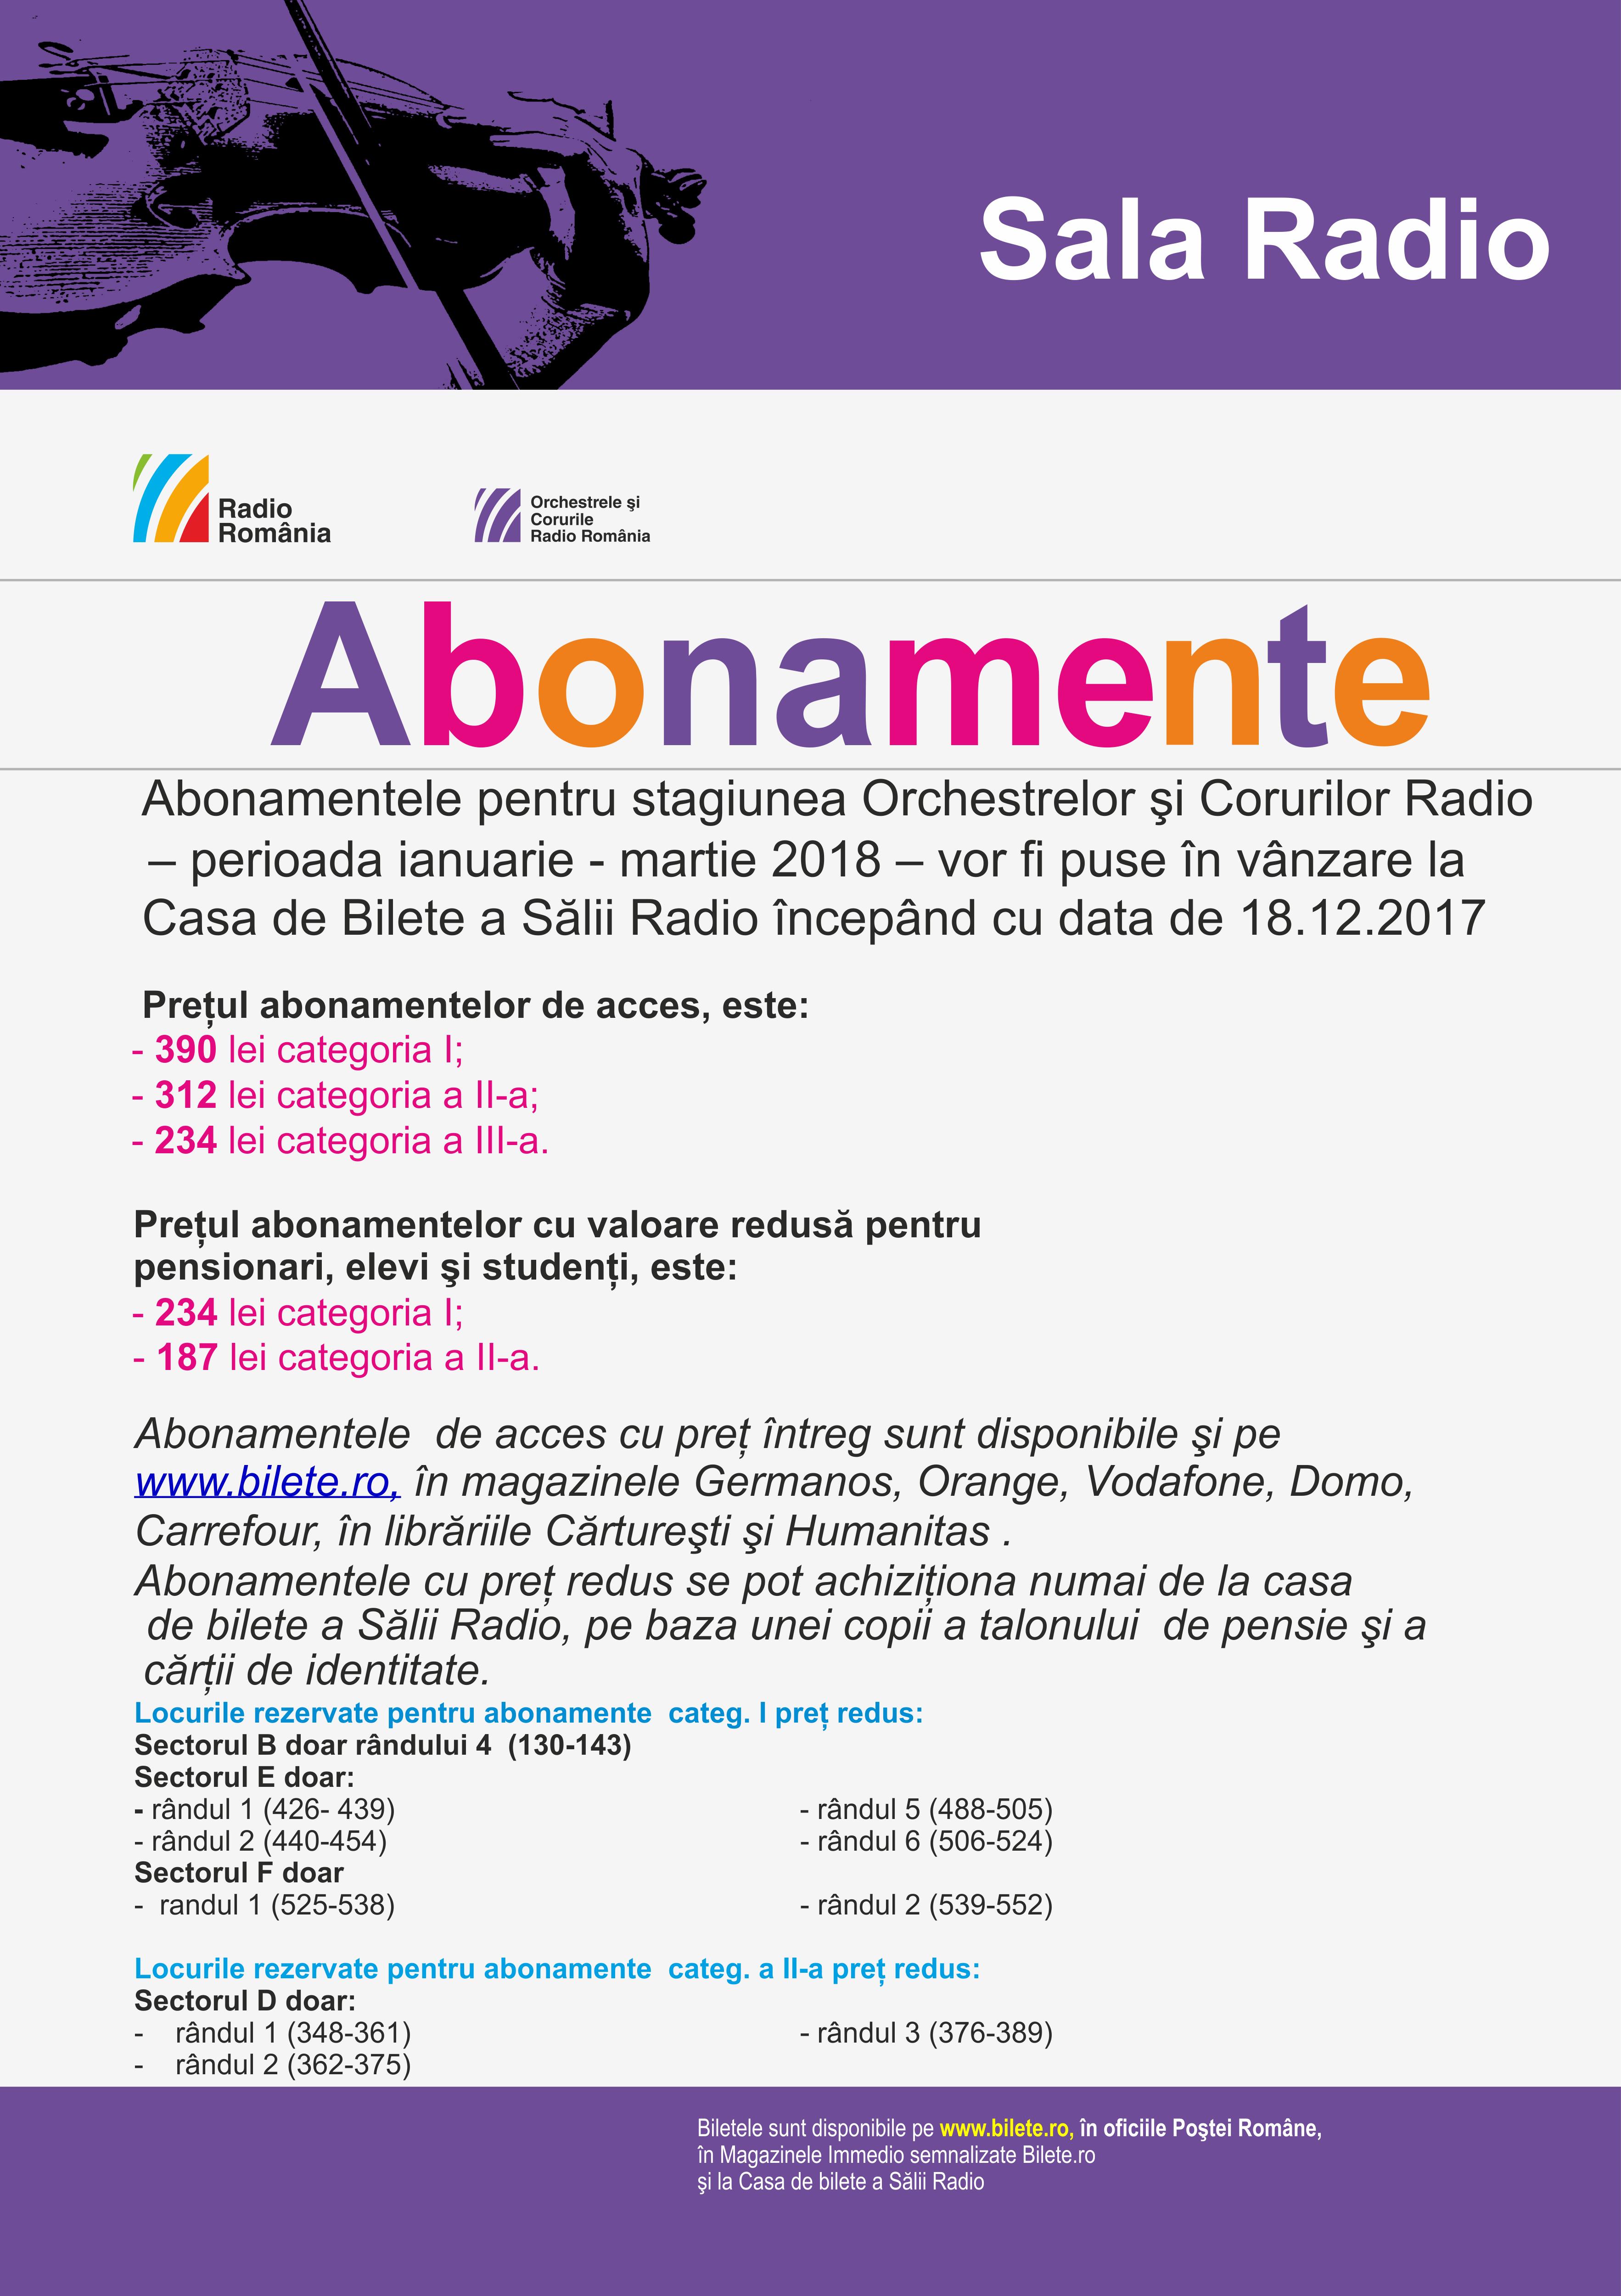 ABONAMENTE IANUARIE-MARTIE 2018